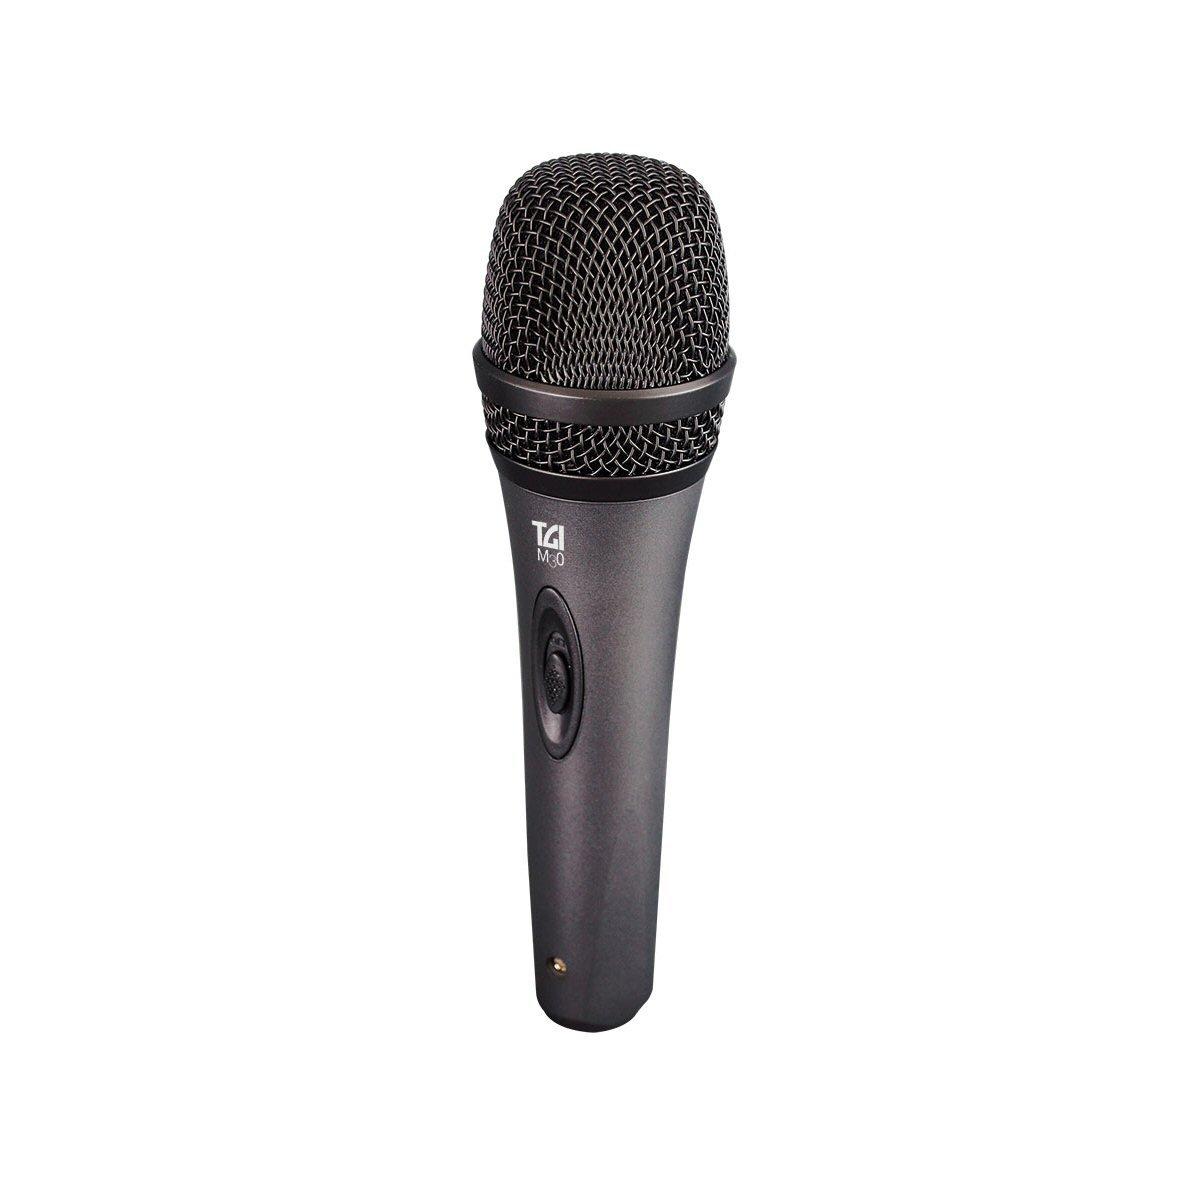 TGI micrófono con Cable y bolsa. | M30